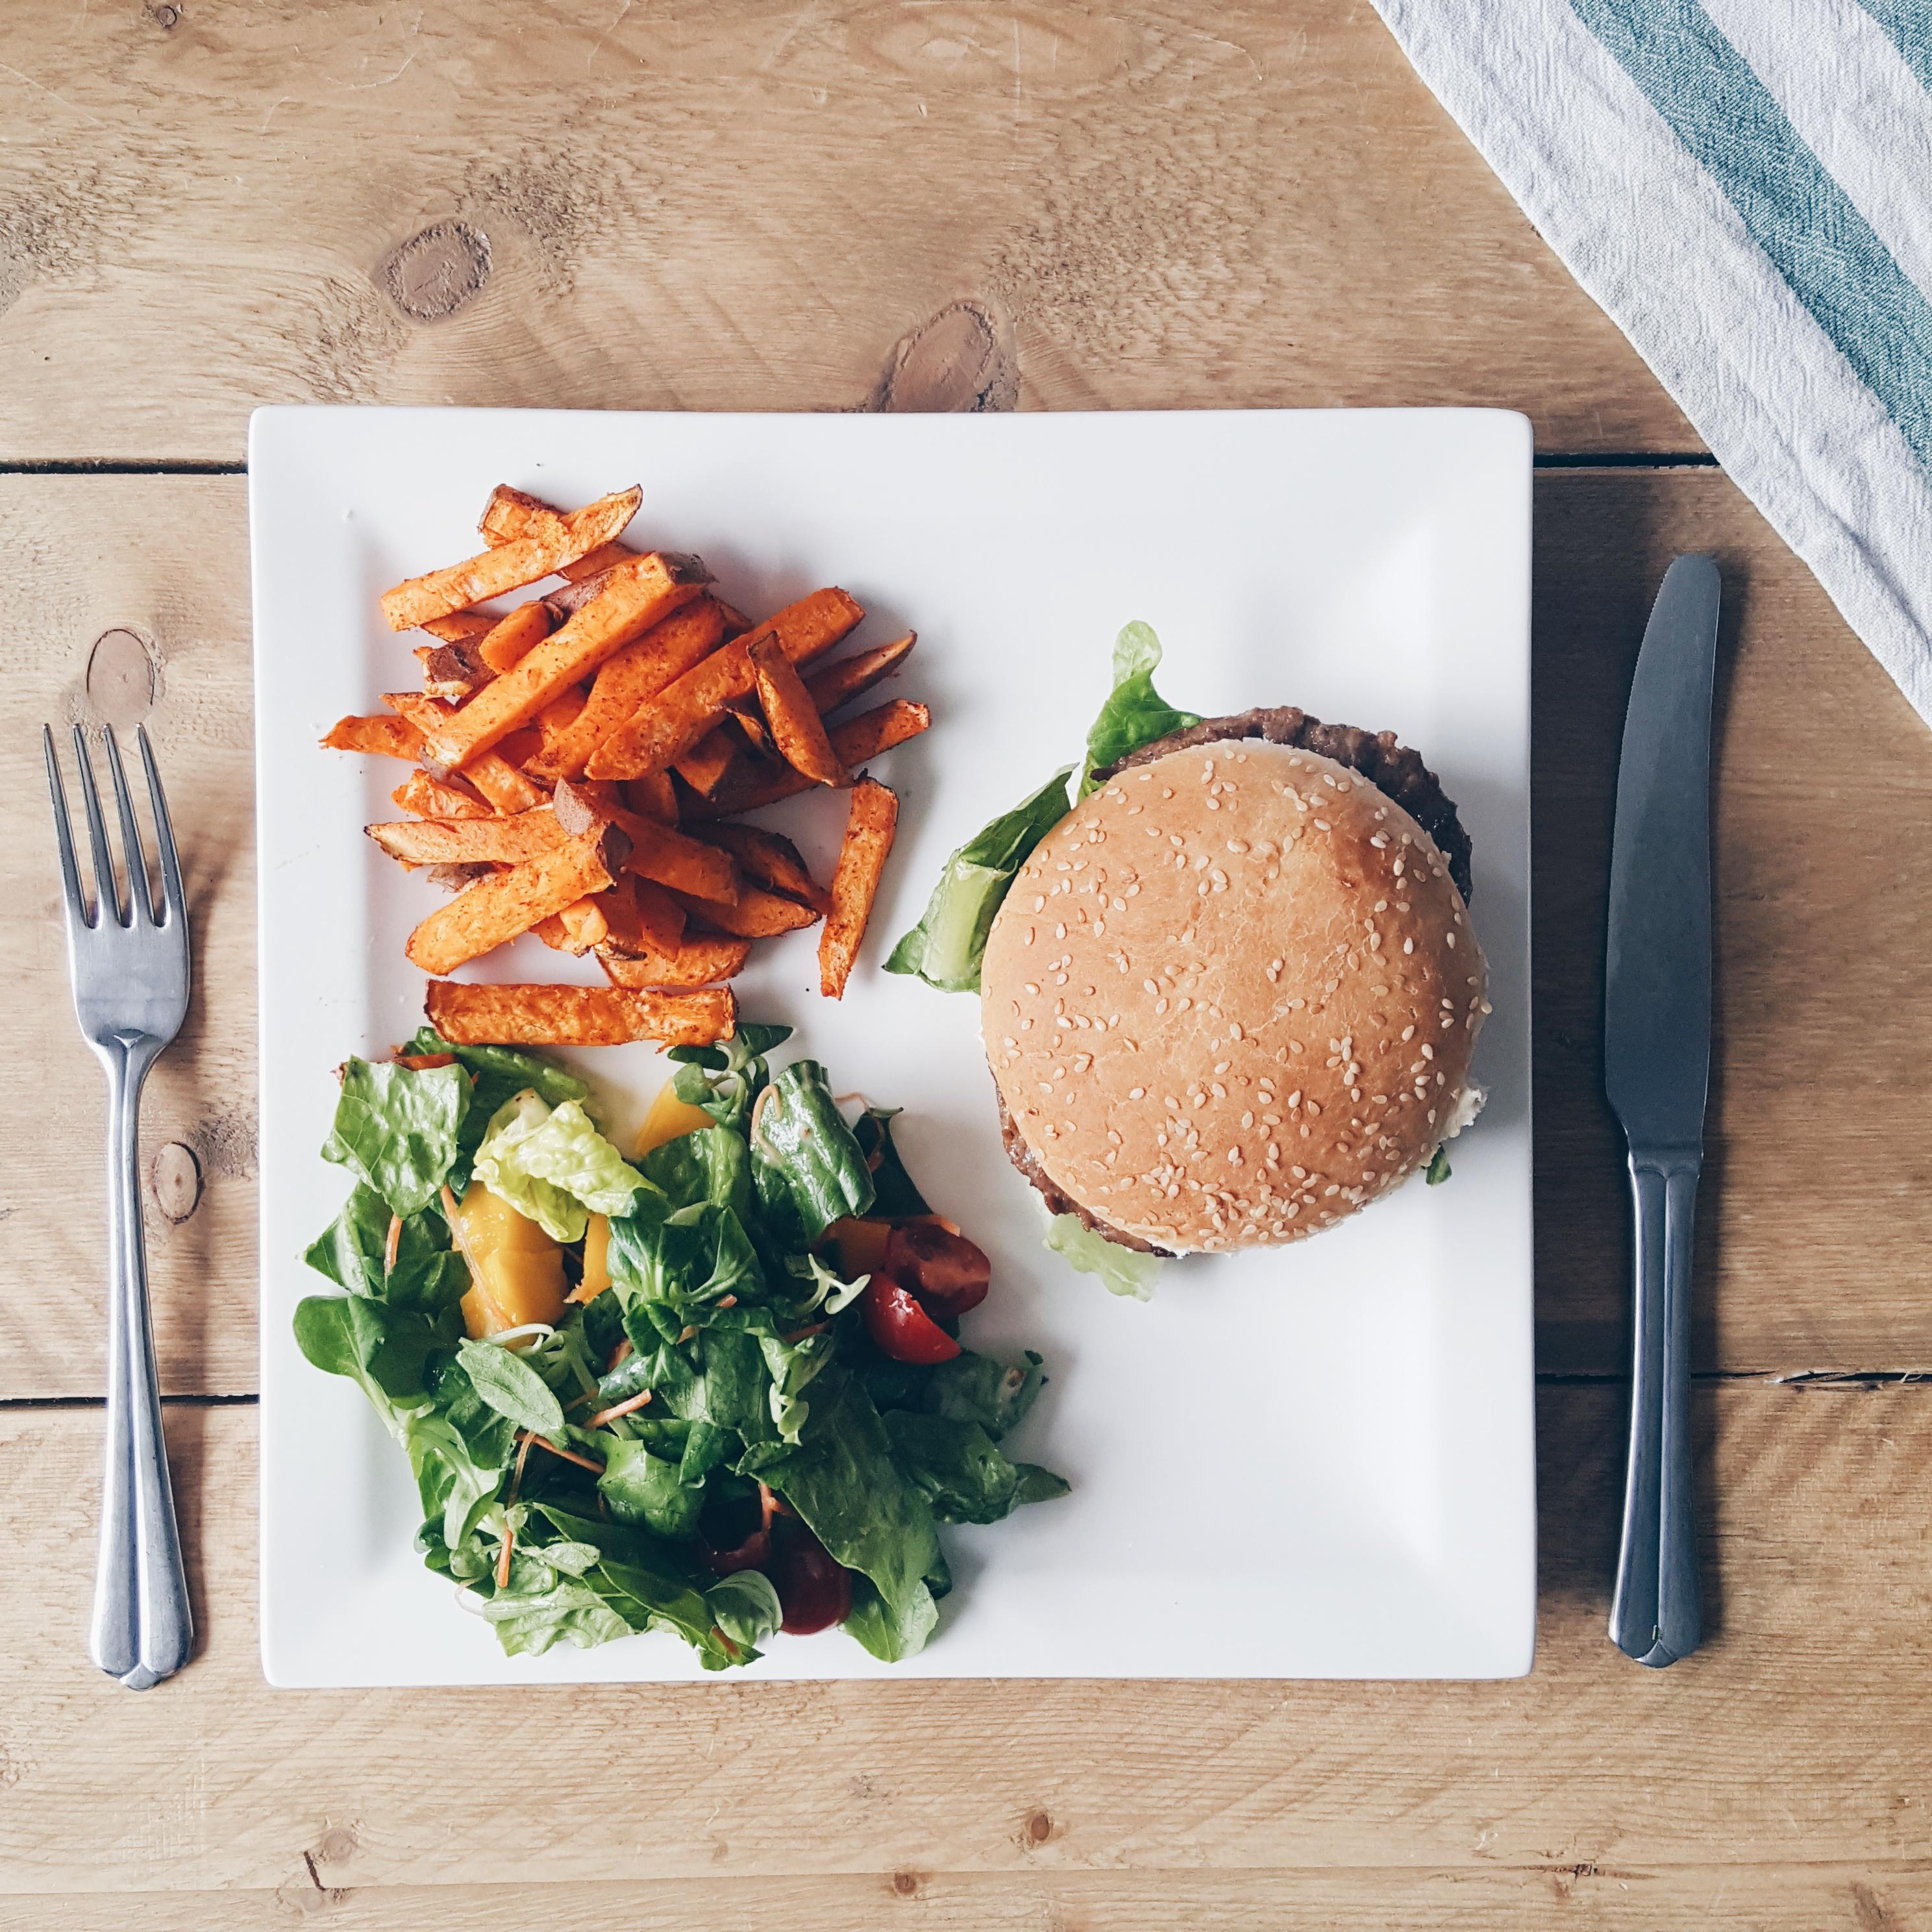 Hamburger luxe salade zoete aardappel